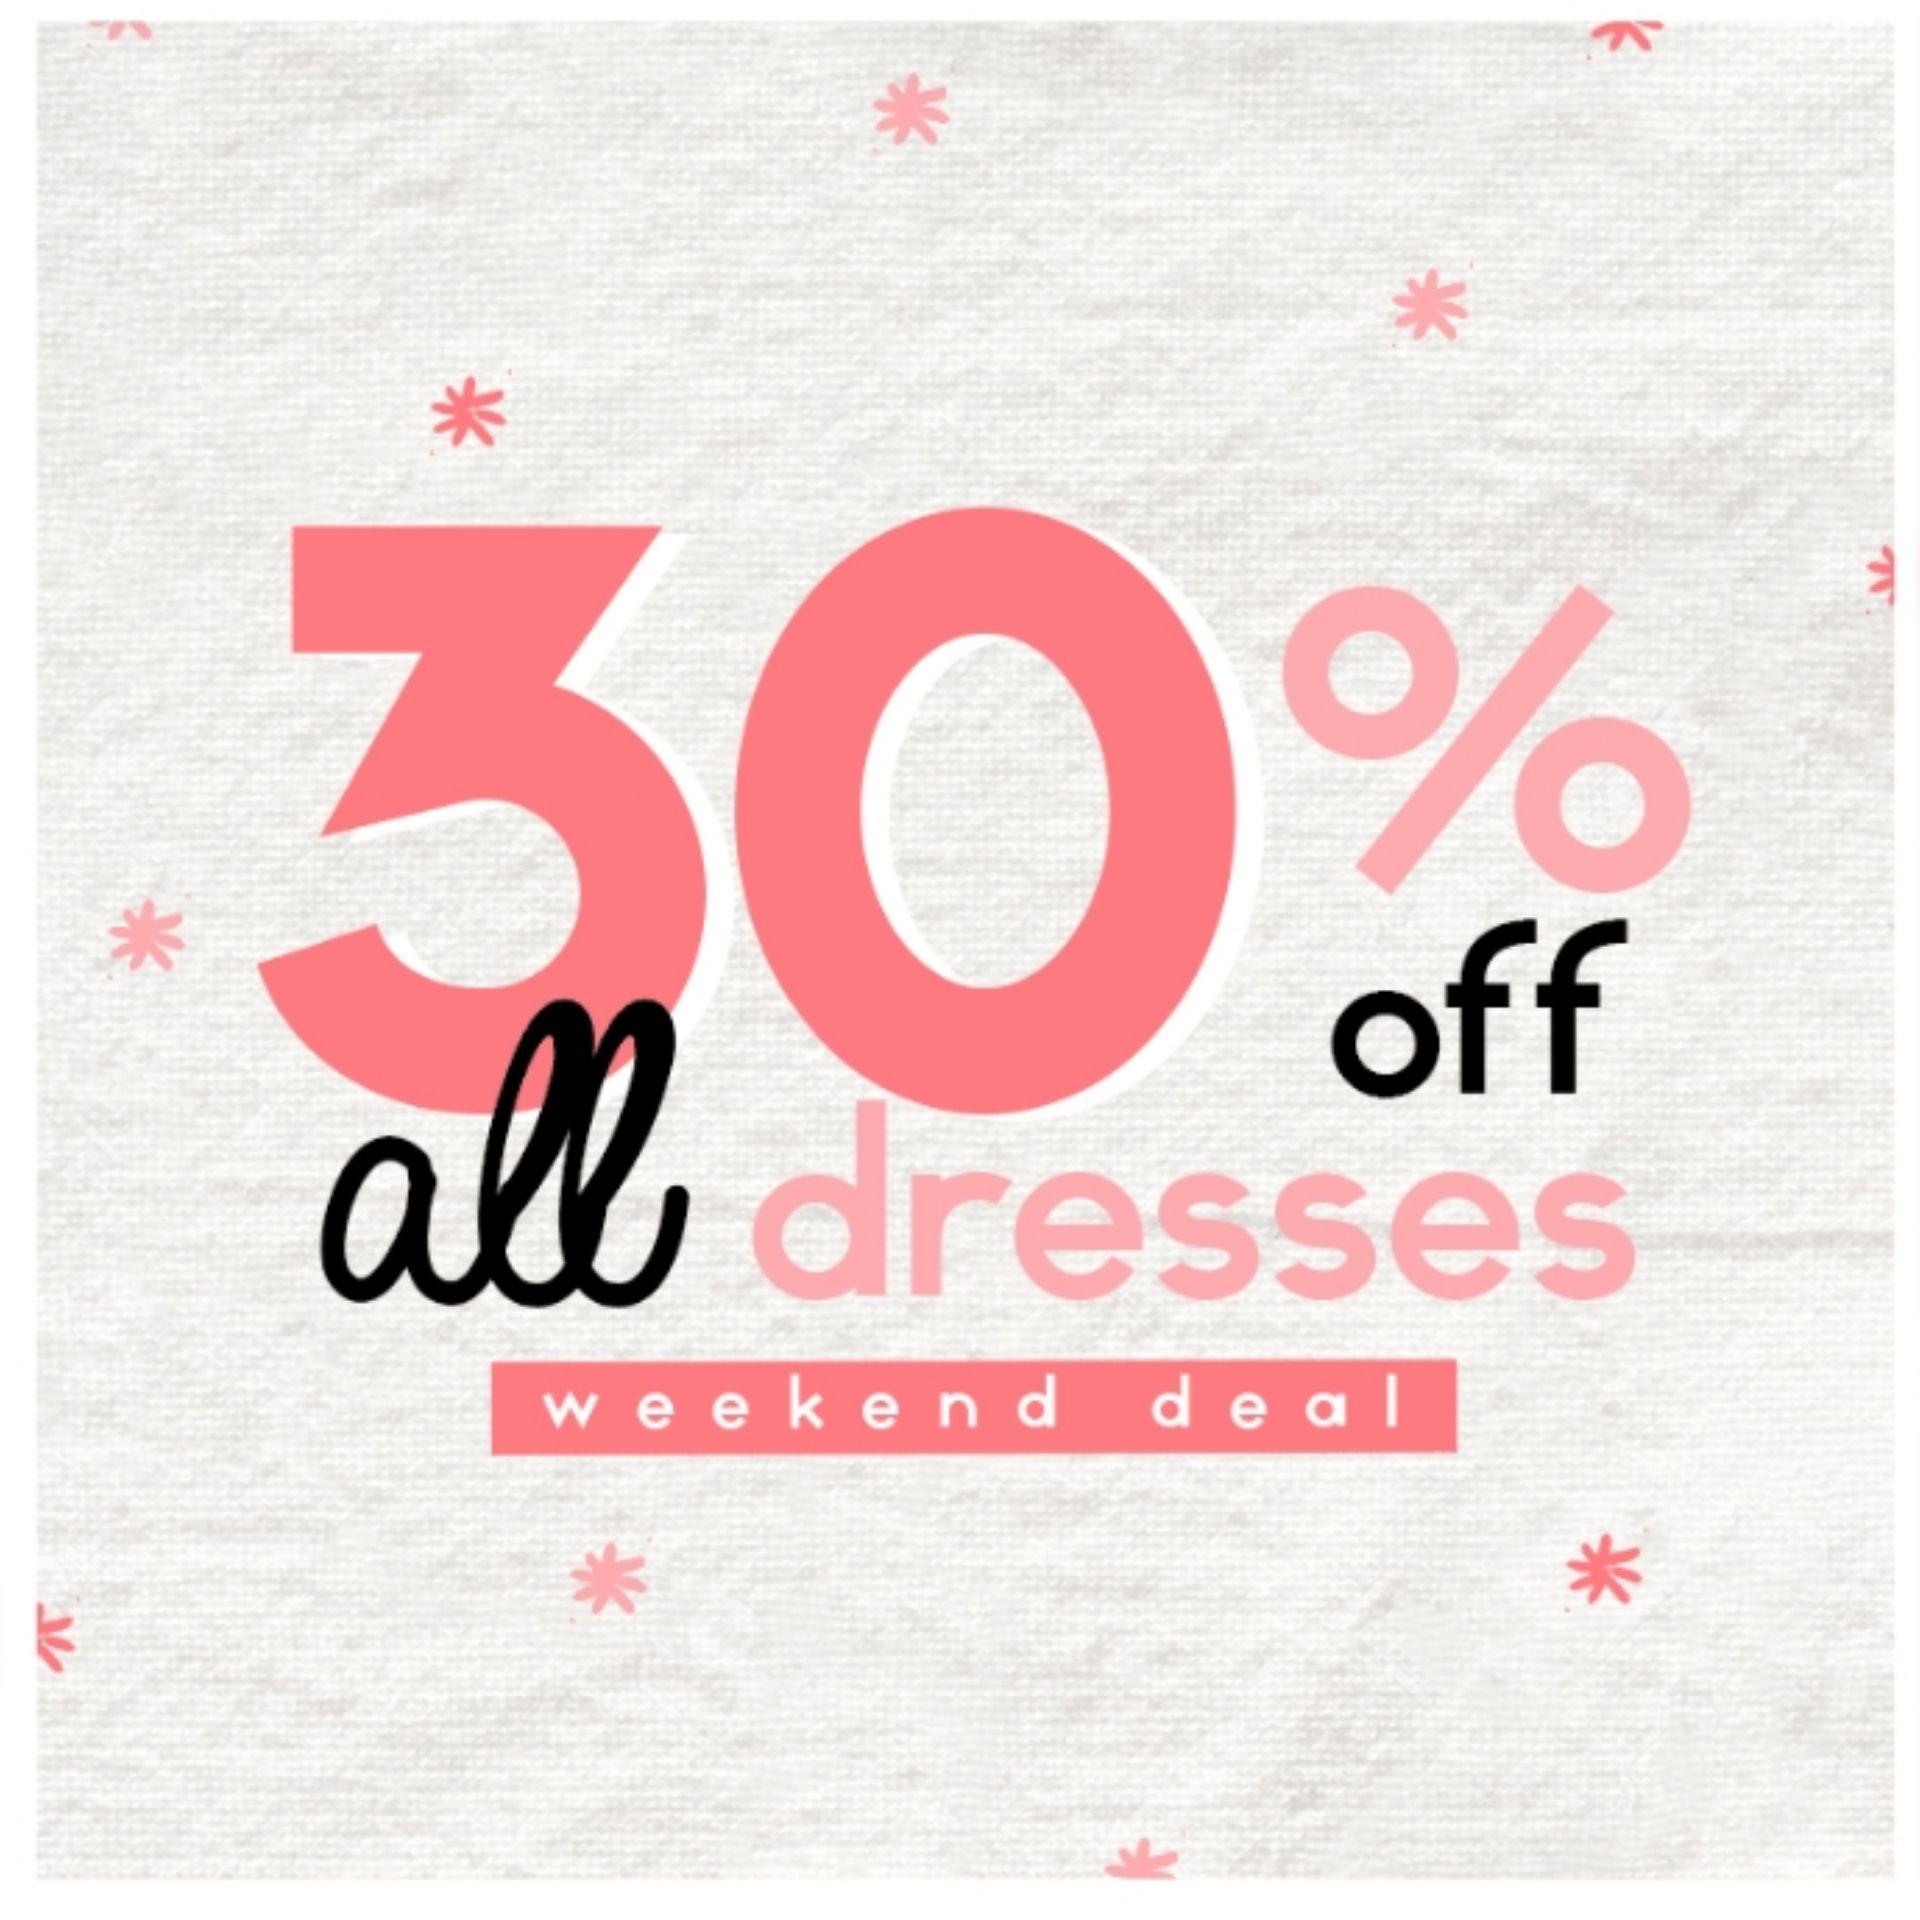 Het hele weekend 30% korting op alle jurken bij Invito